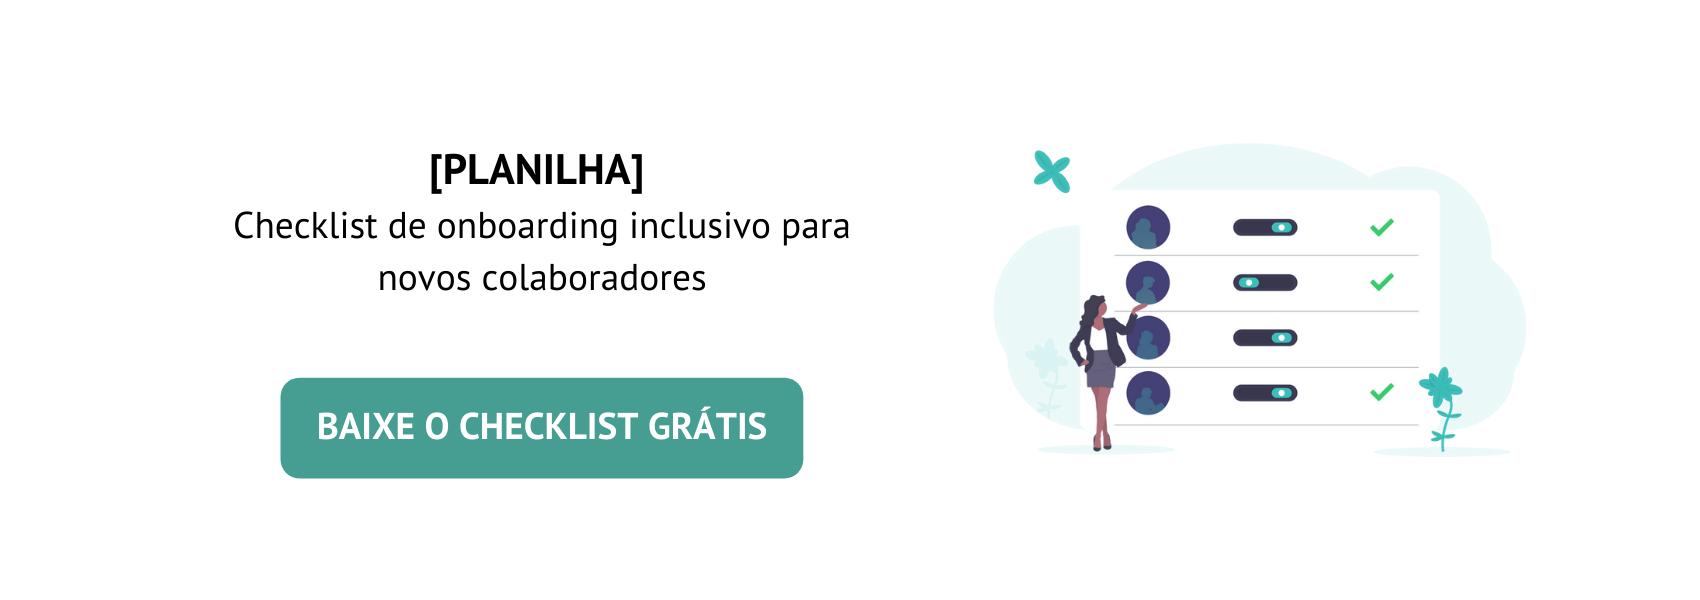 Baixe o checklist gratuito de onboarding inclusivo para novos colaboradores